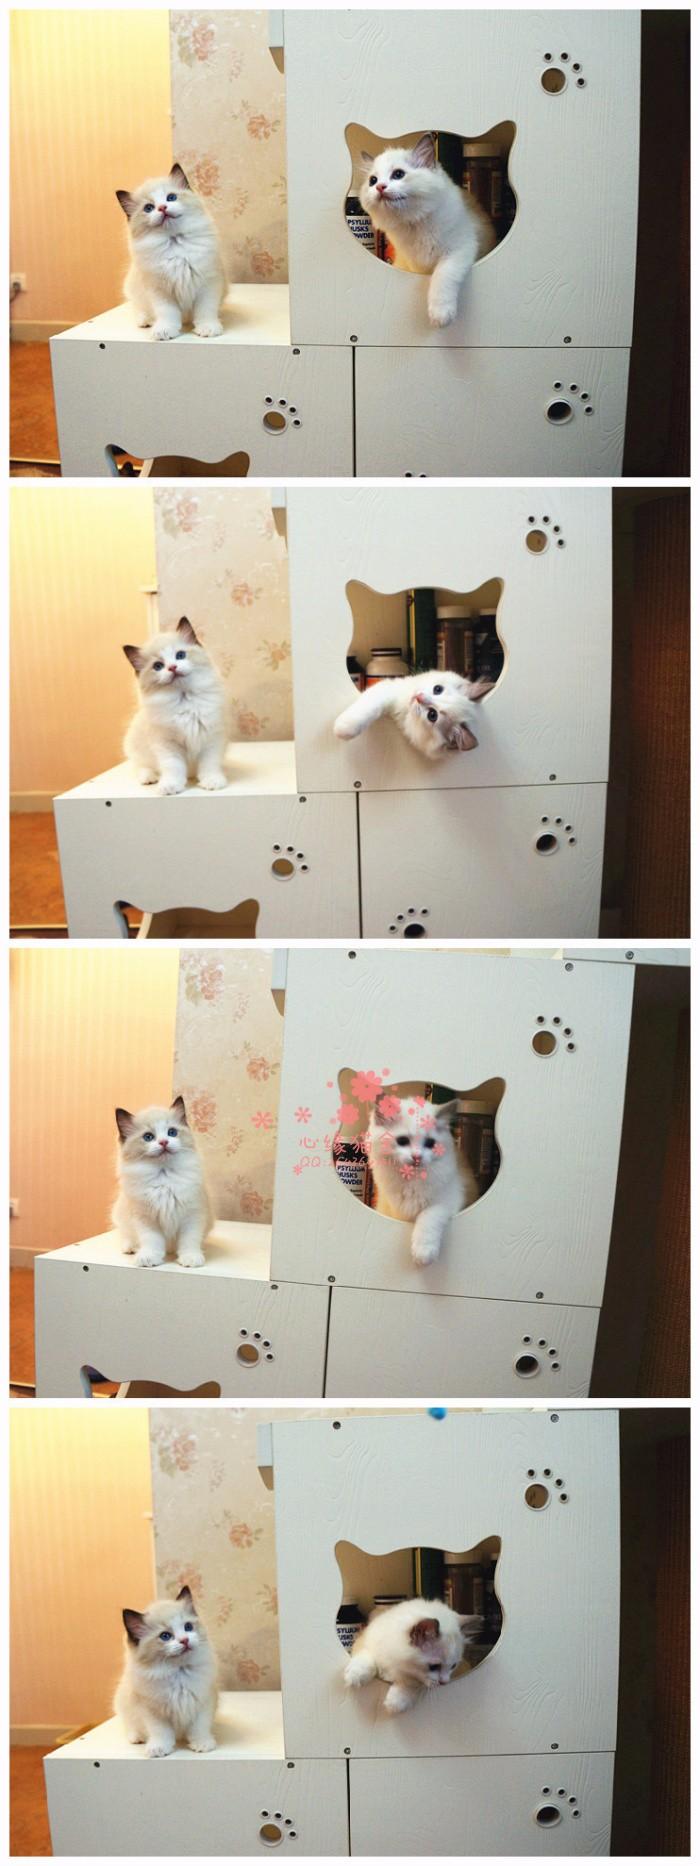 布偶猫济南哪里有卖的 布偶猫价格 布偶猫多少钱